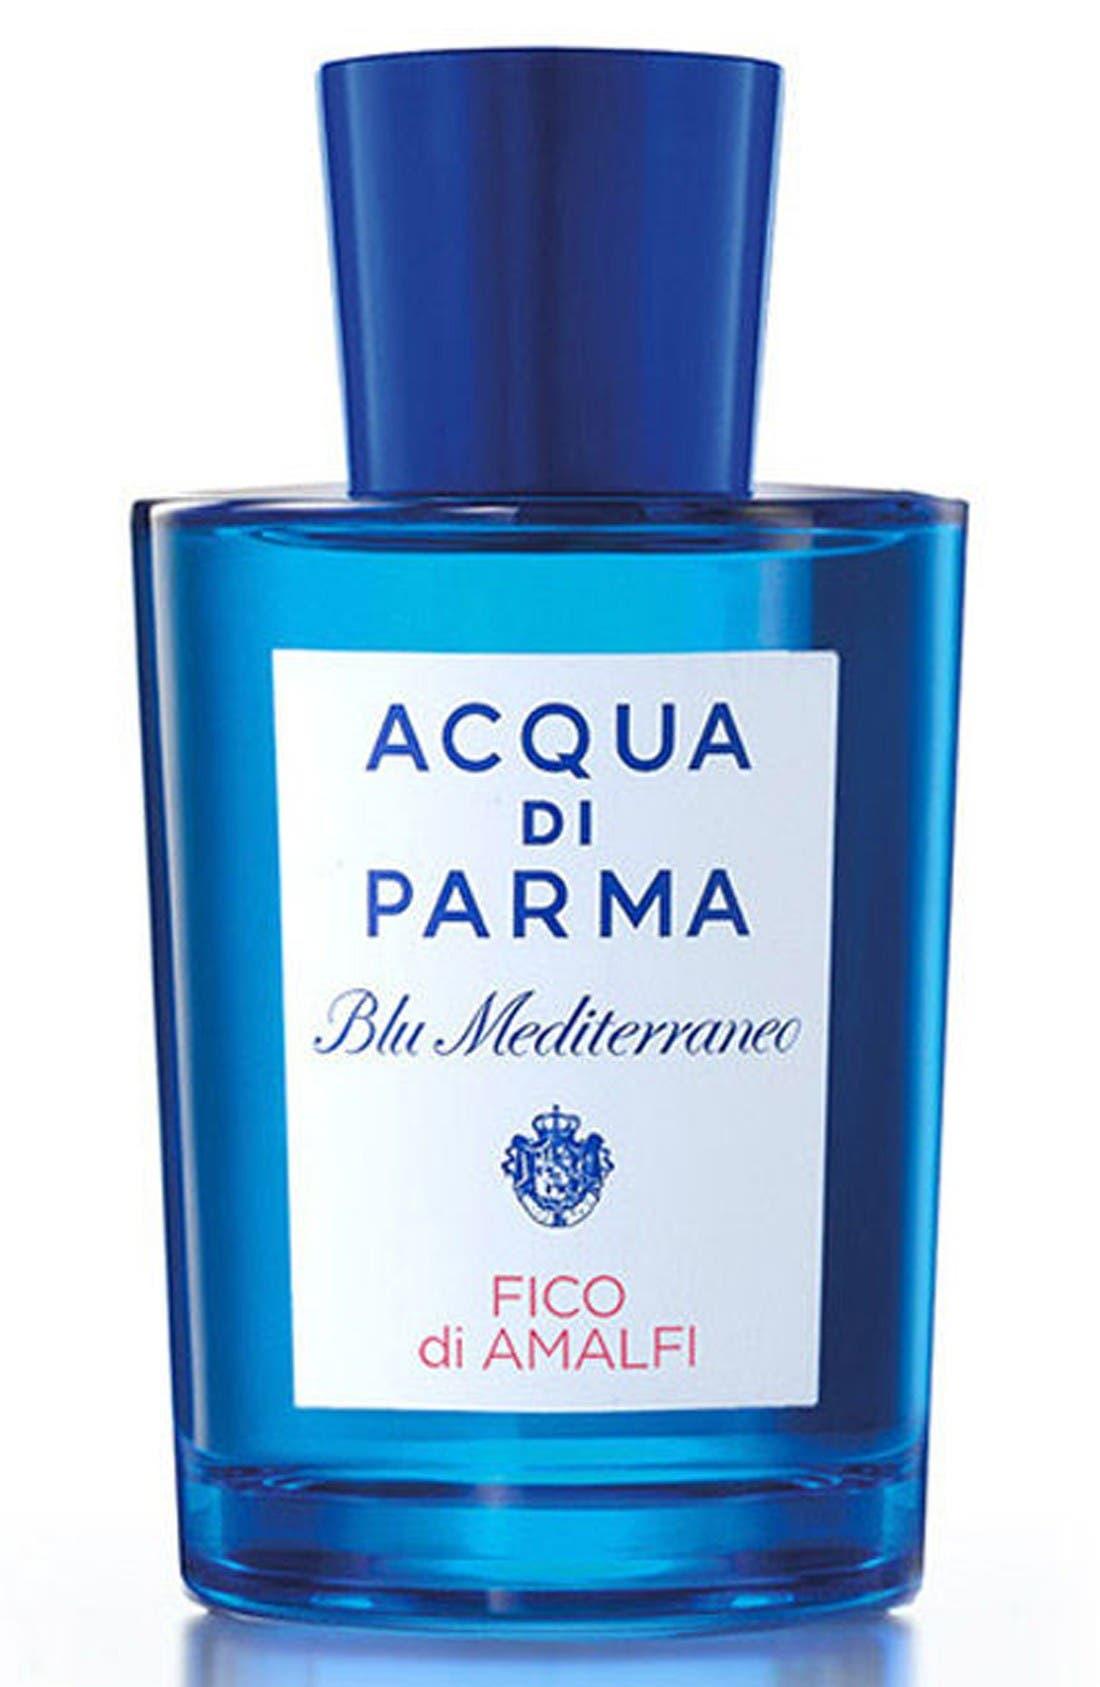 ACQUA DI PARMA 'Blu Mediterraneo' Fico di Amalfi